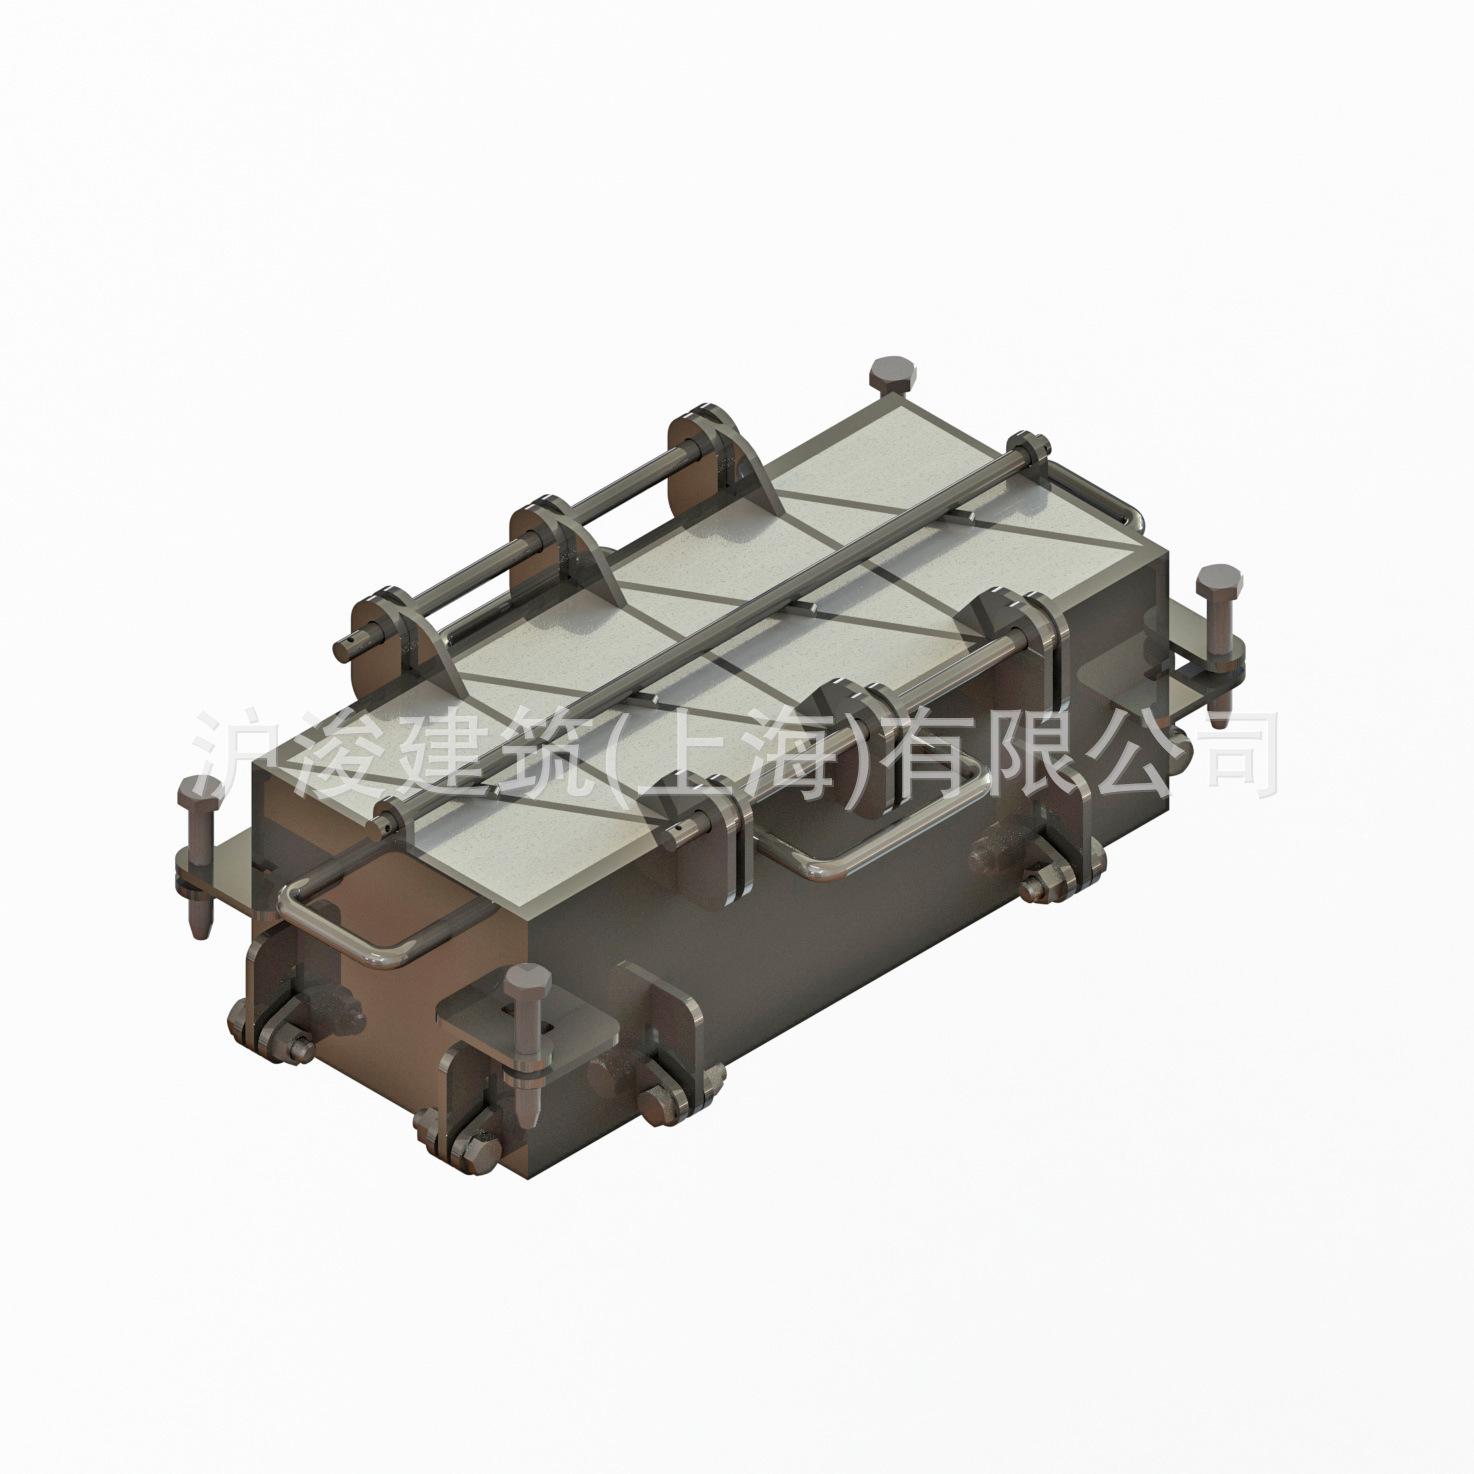 预制水泥方块钢模,三角垫块模具 预制砖模具 混凝土预制件钢模板